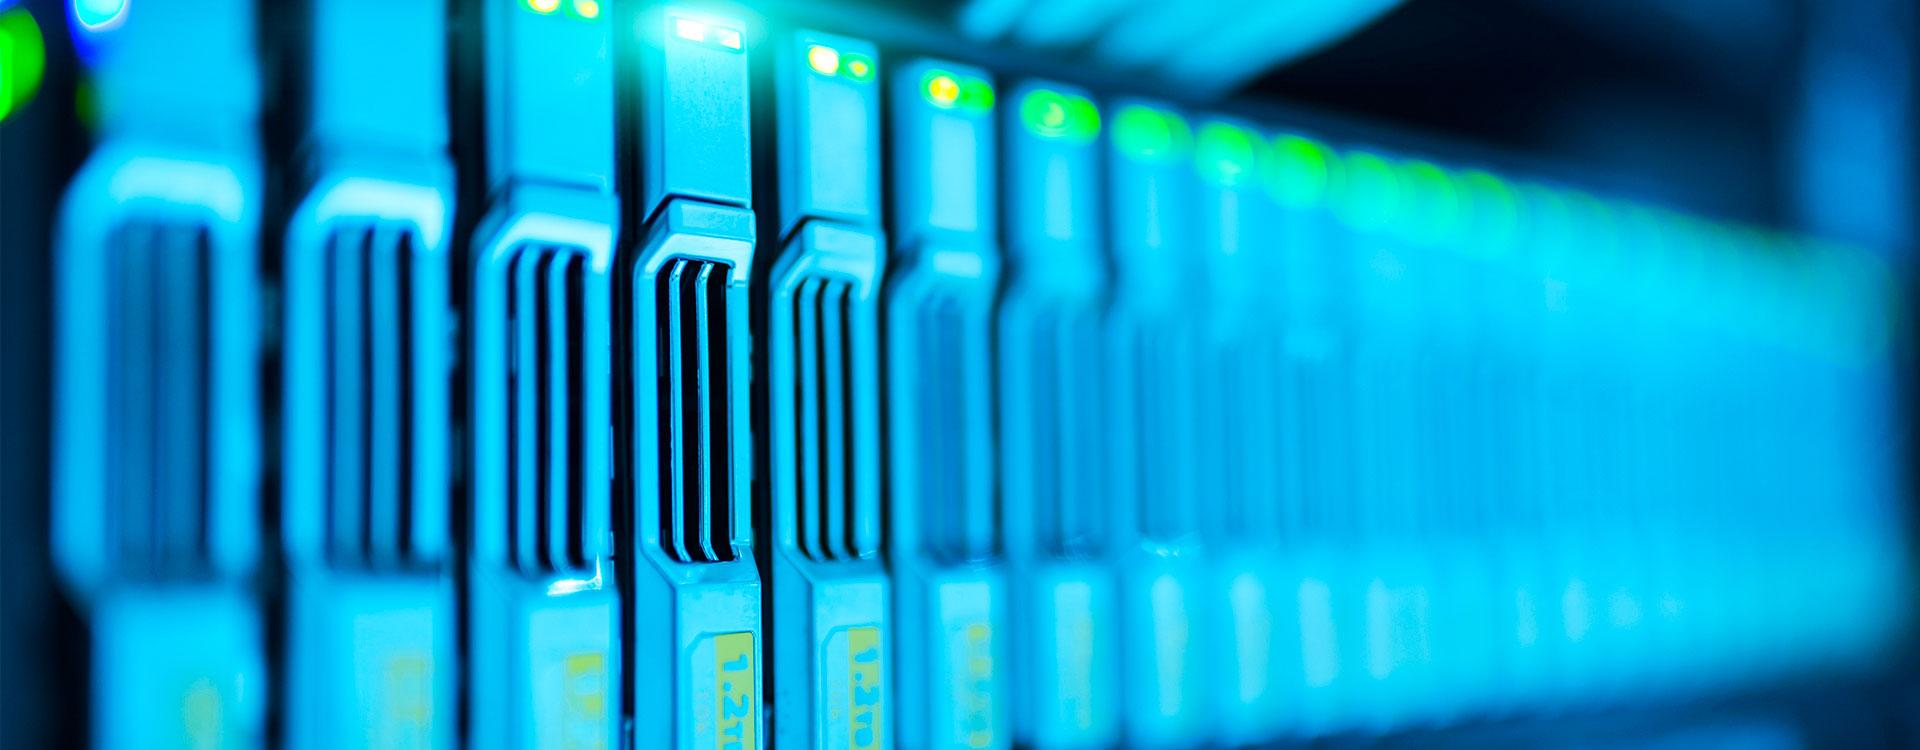 Claves para digitalizar la empresa